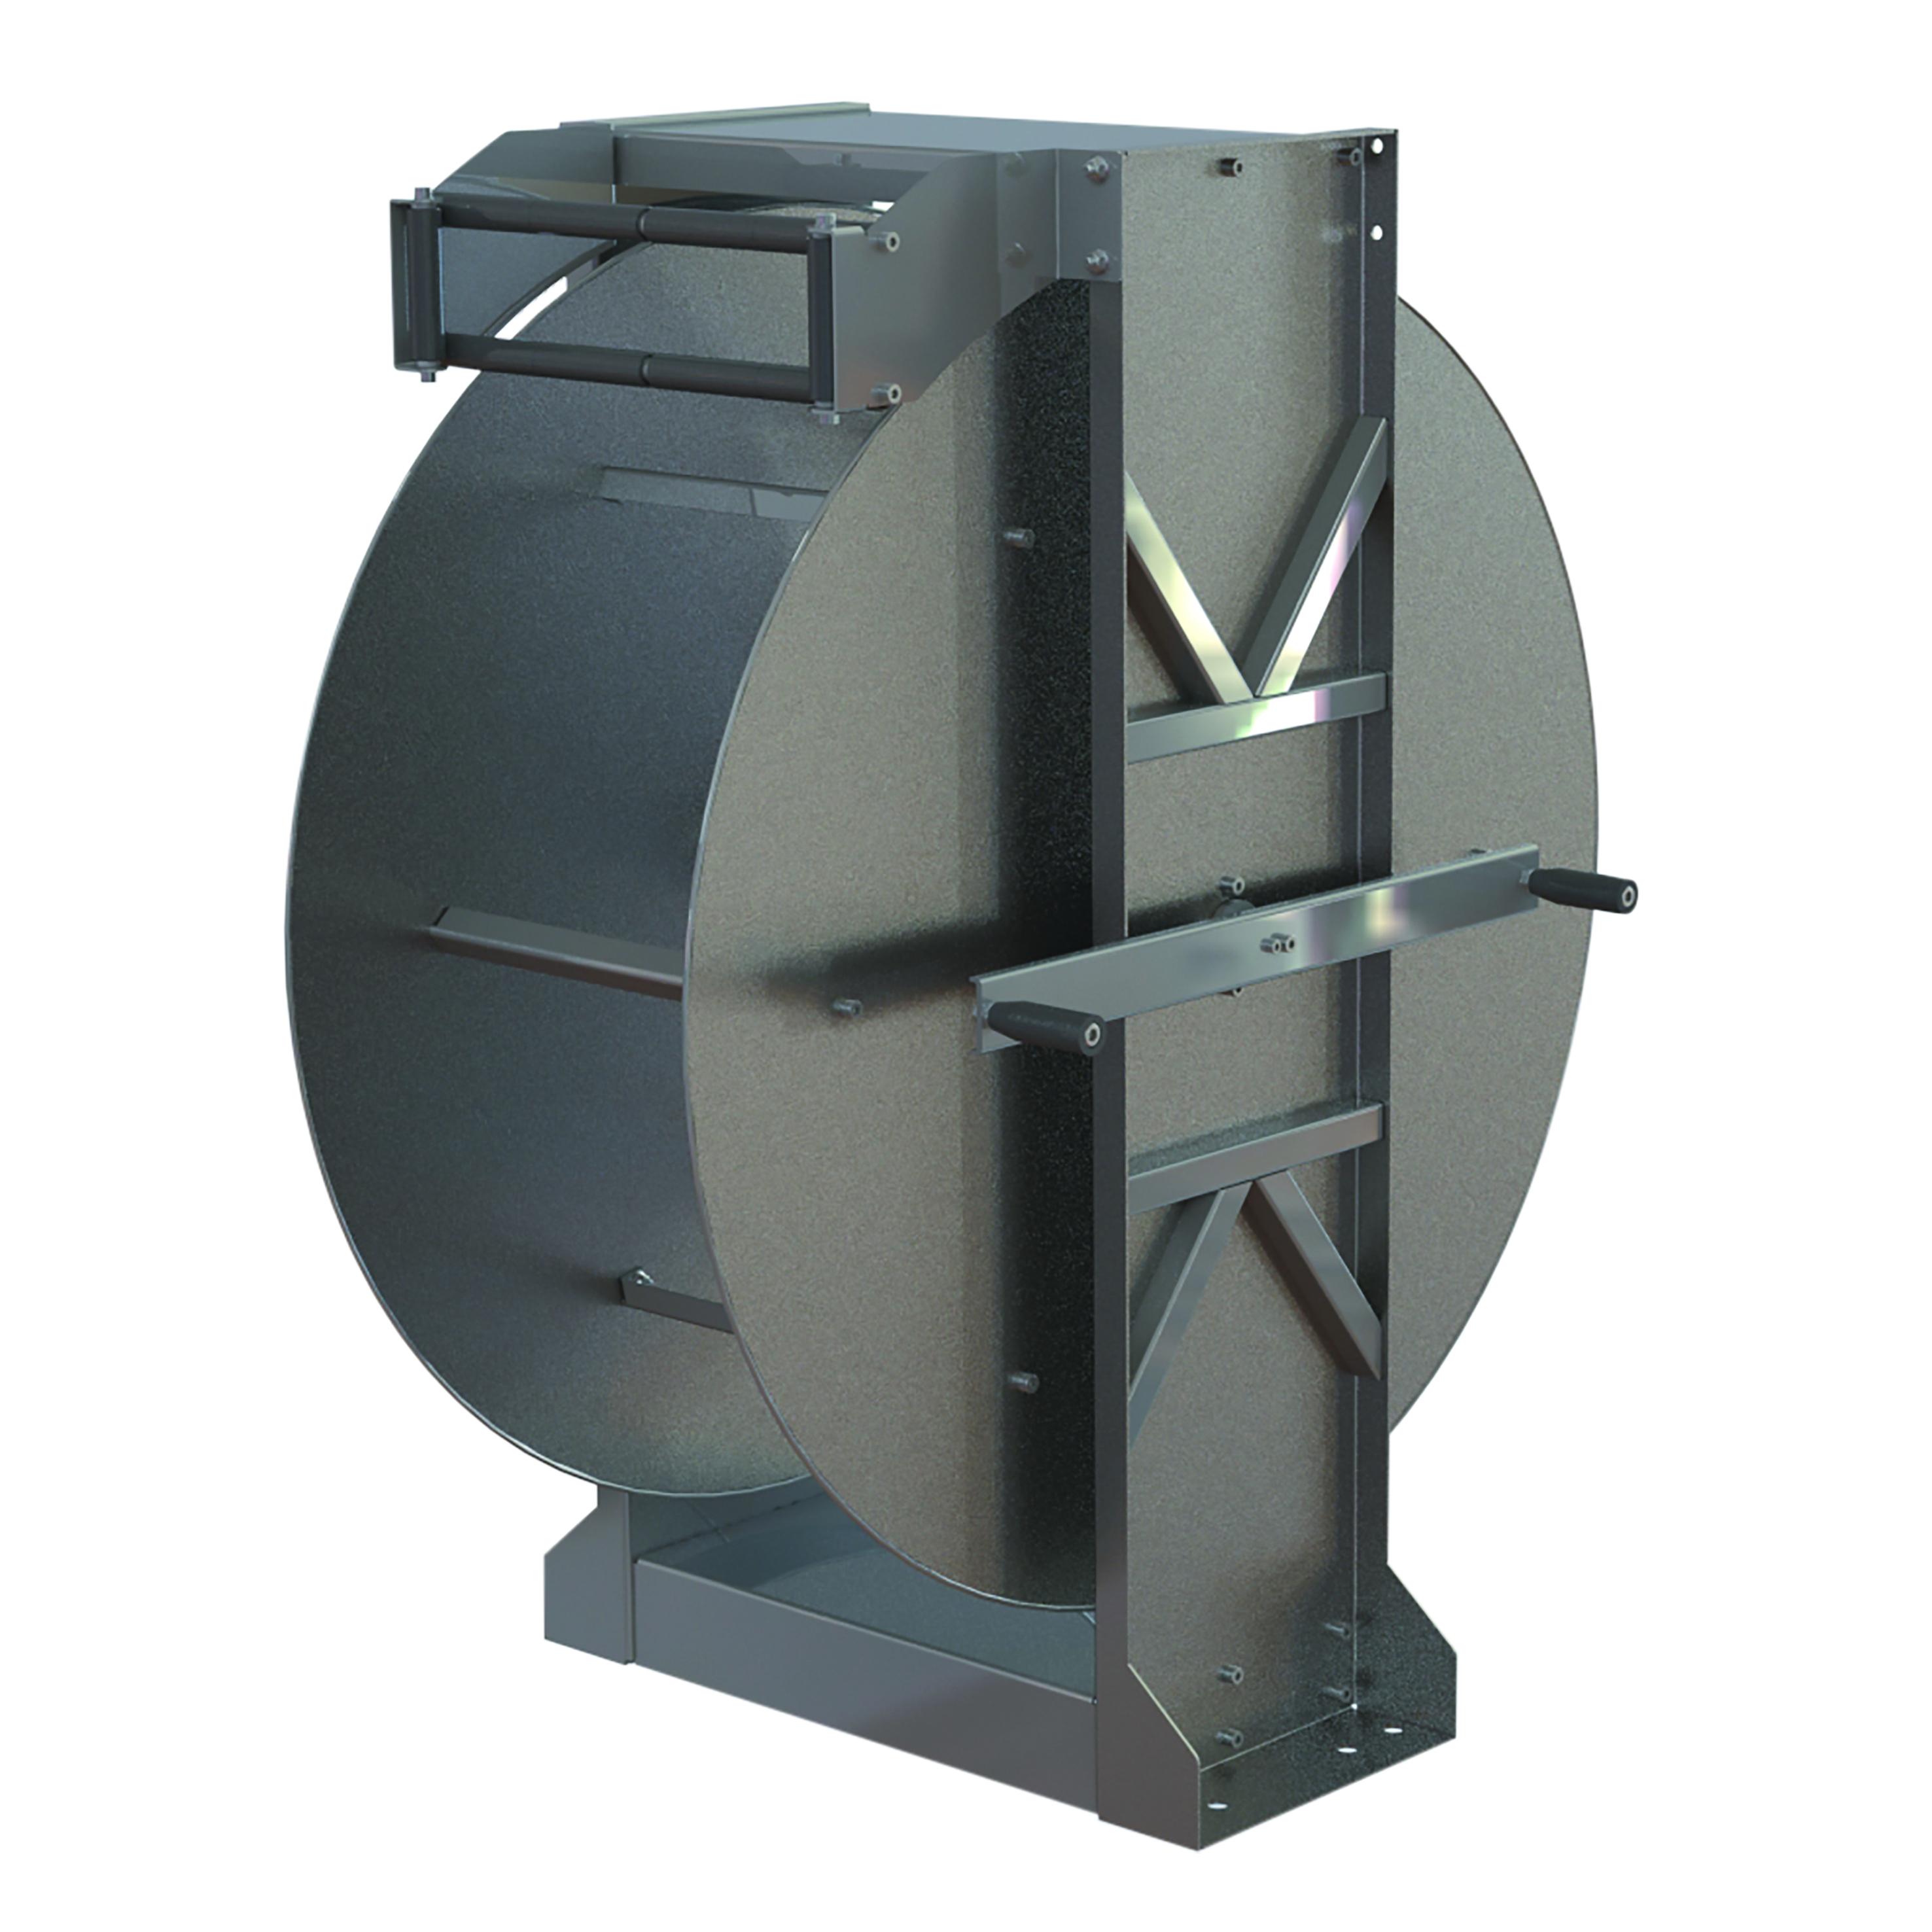 AVM3090 MK - Carretes de manguara para Alimentos